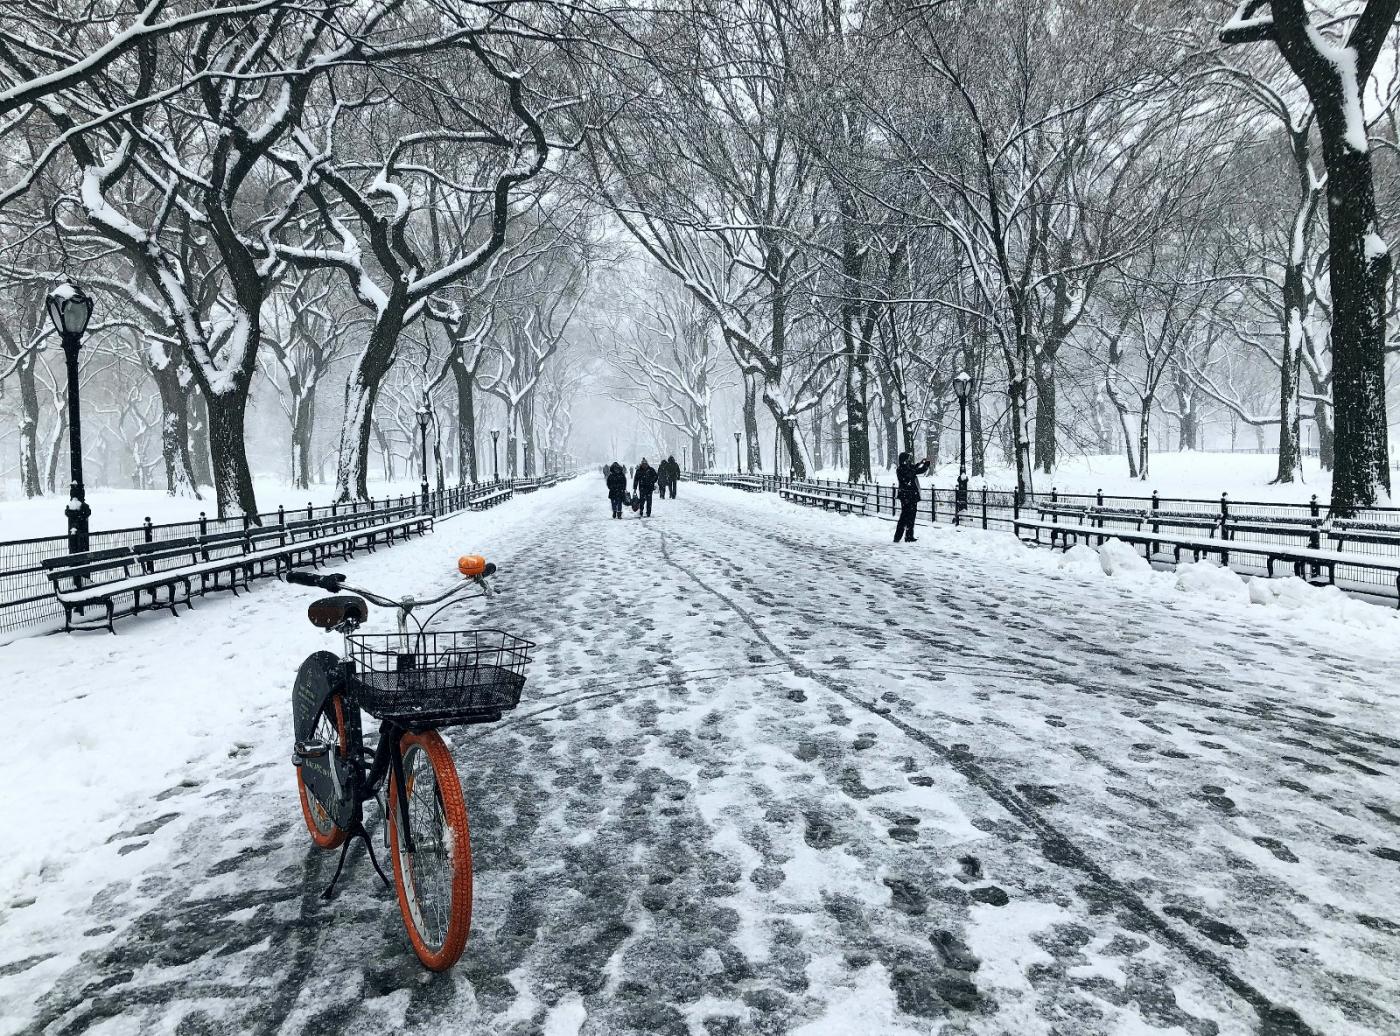 【田螺手机摄影】在纽约市拍雪景、还是中央公园最漂亮_图1-11